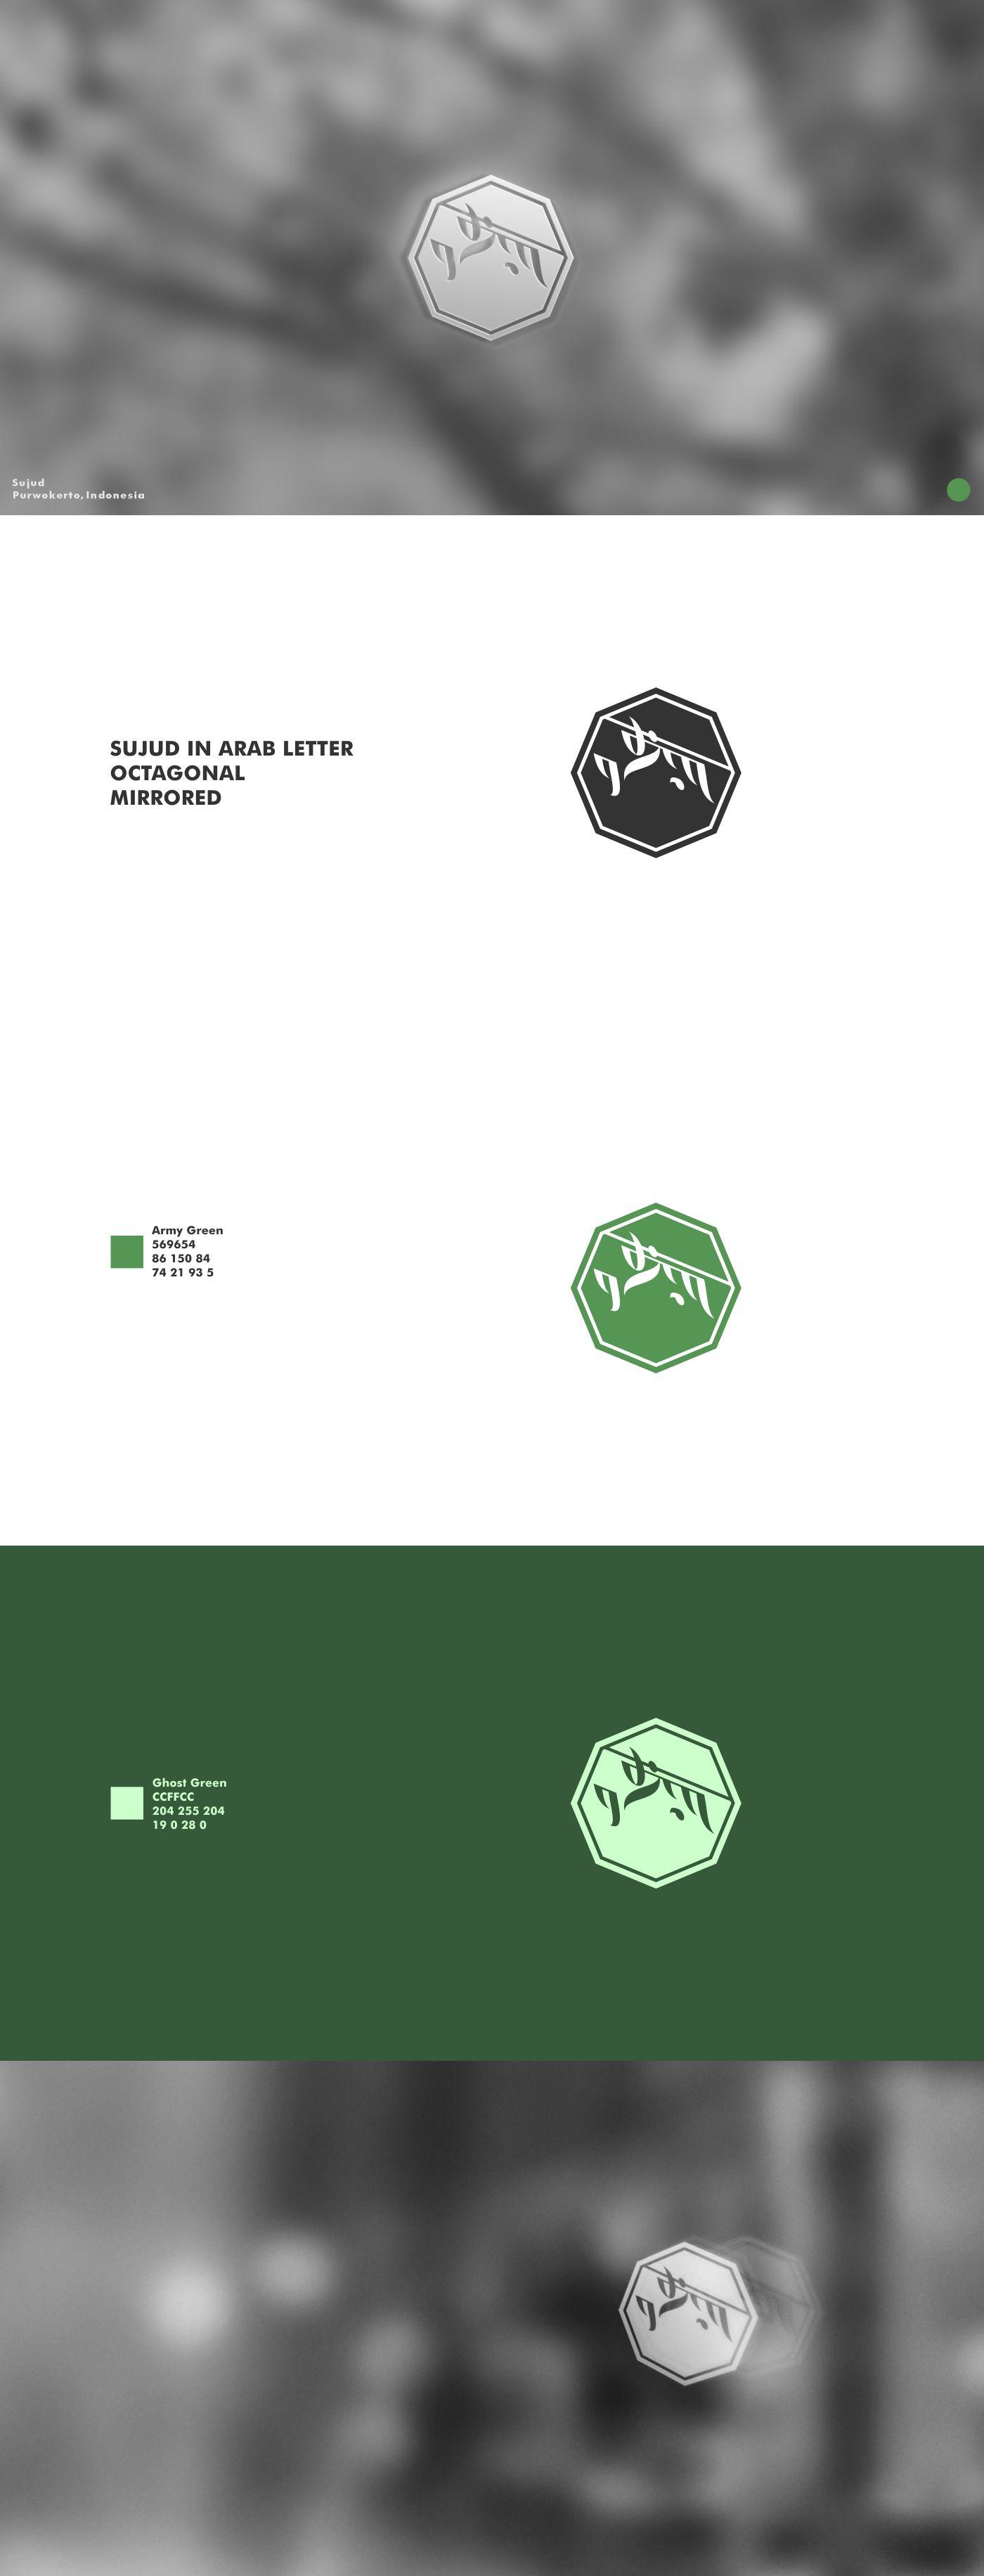 Sujud - Visual Identity #visual #identity #visualidentity #logo #graphic #design #graphicdesign #digitalart #presentation #portfolio